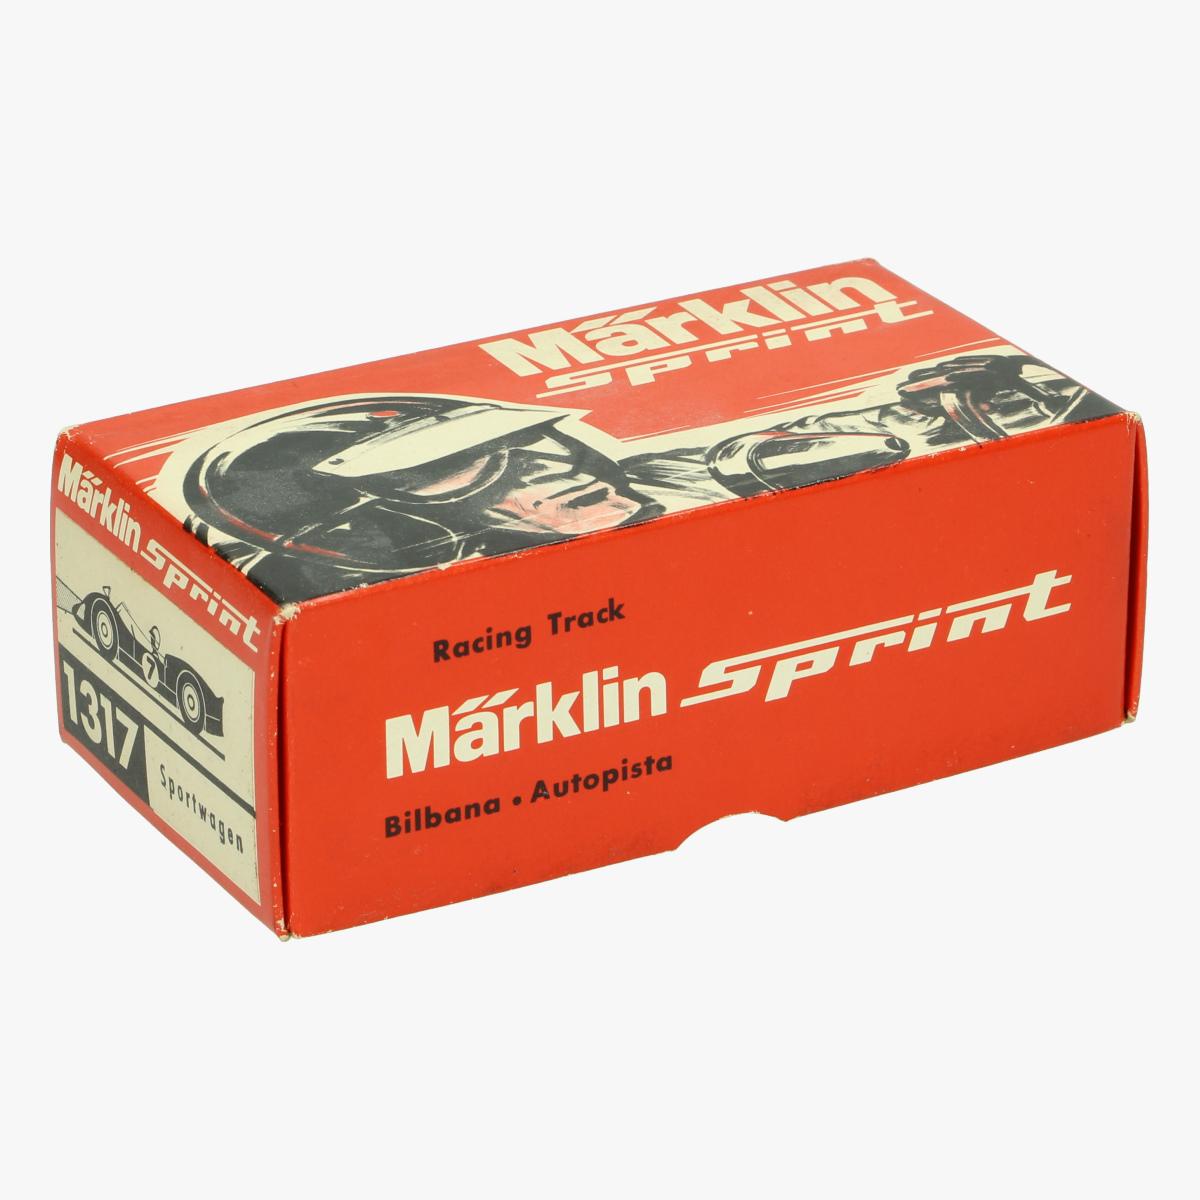 Afbeeldingen van Marklin Sprint. Speelgoedauto. Porsche Carrere 6